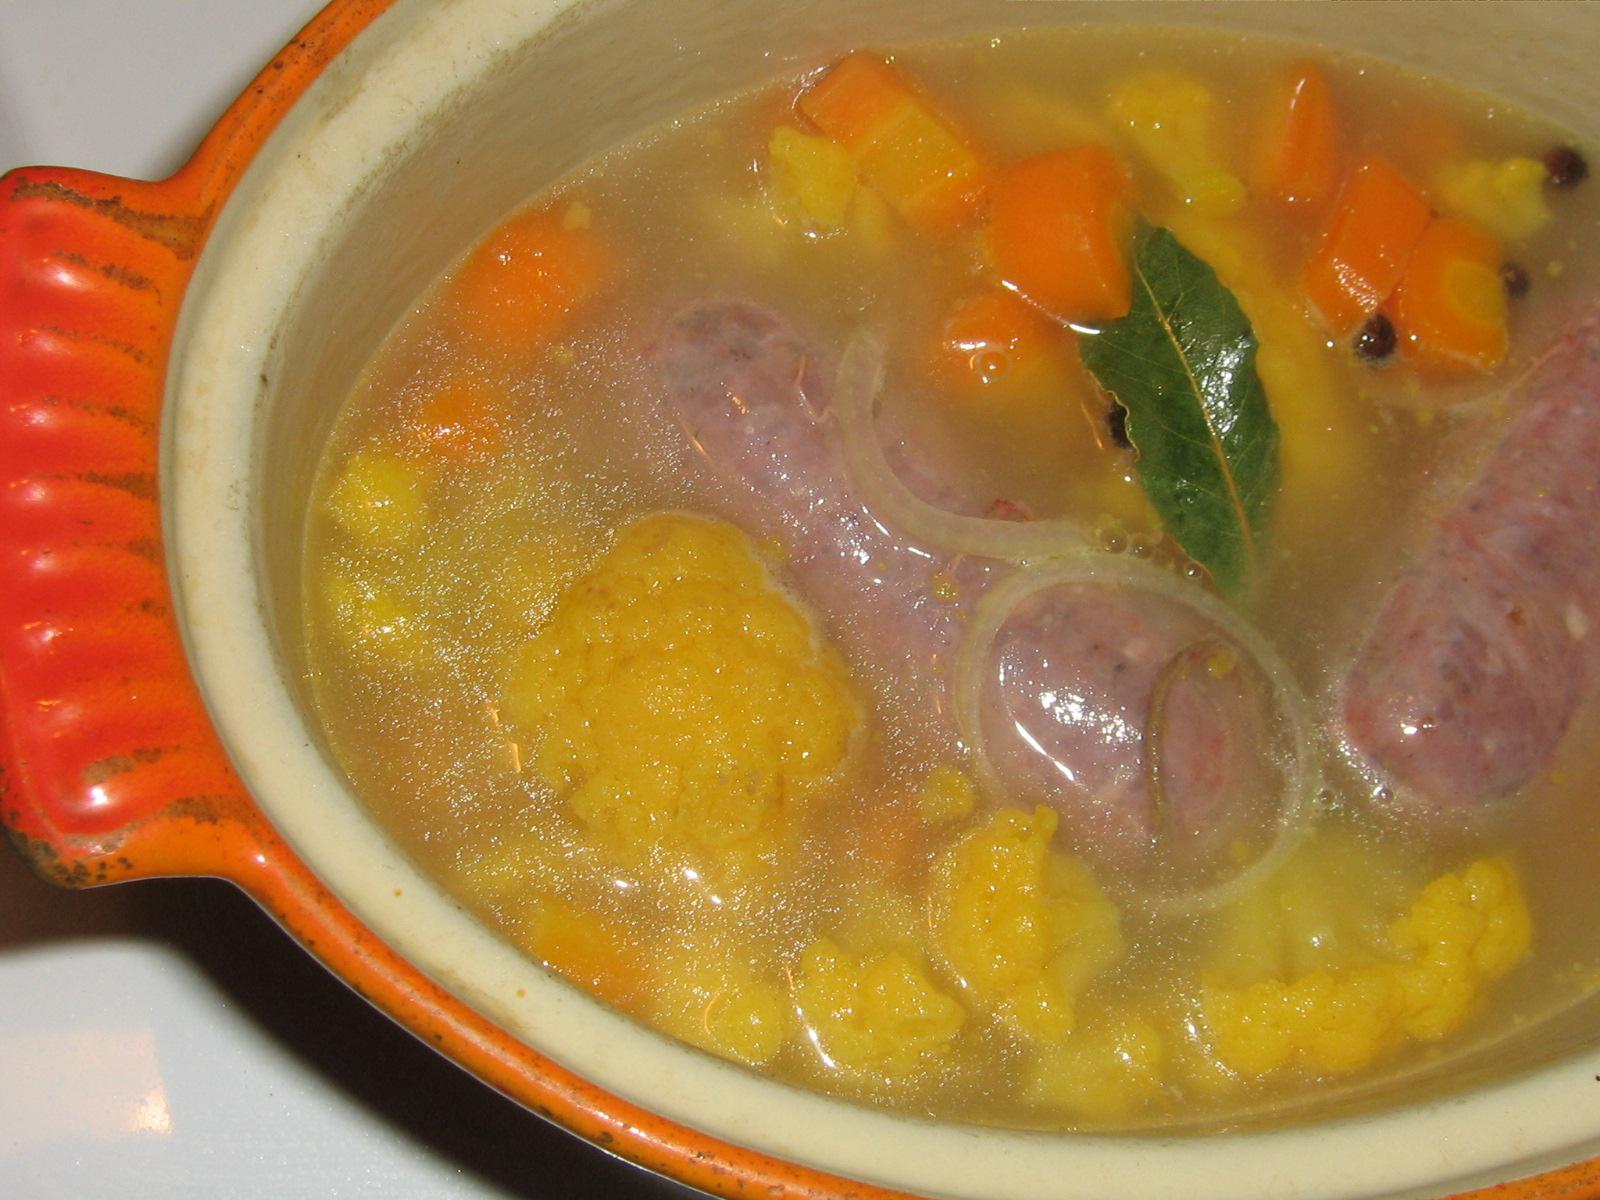 Köttkorv sjuden med Morot, Blomkål, Cider, Lagerblad och Kryddpeppar